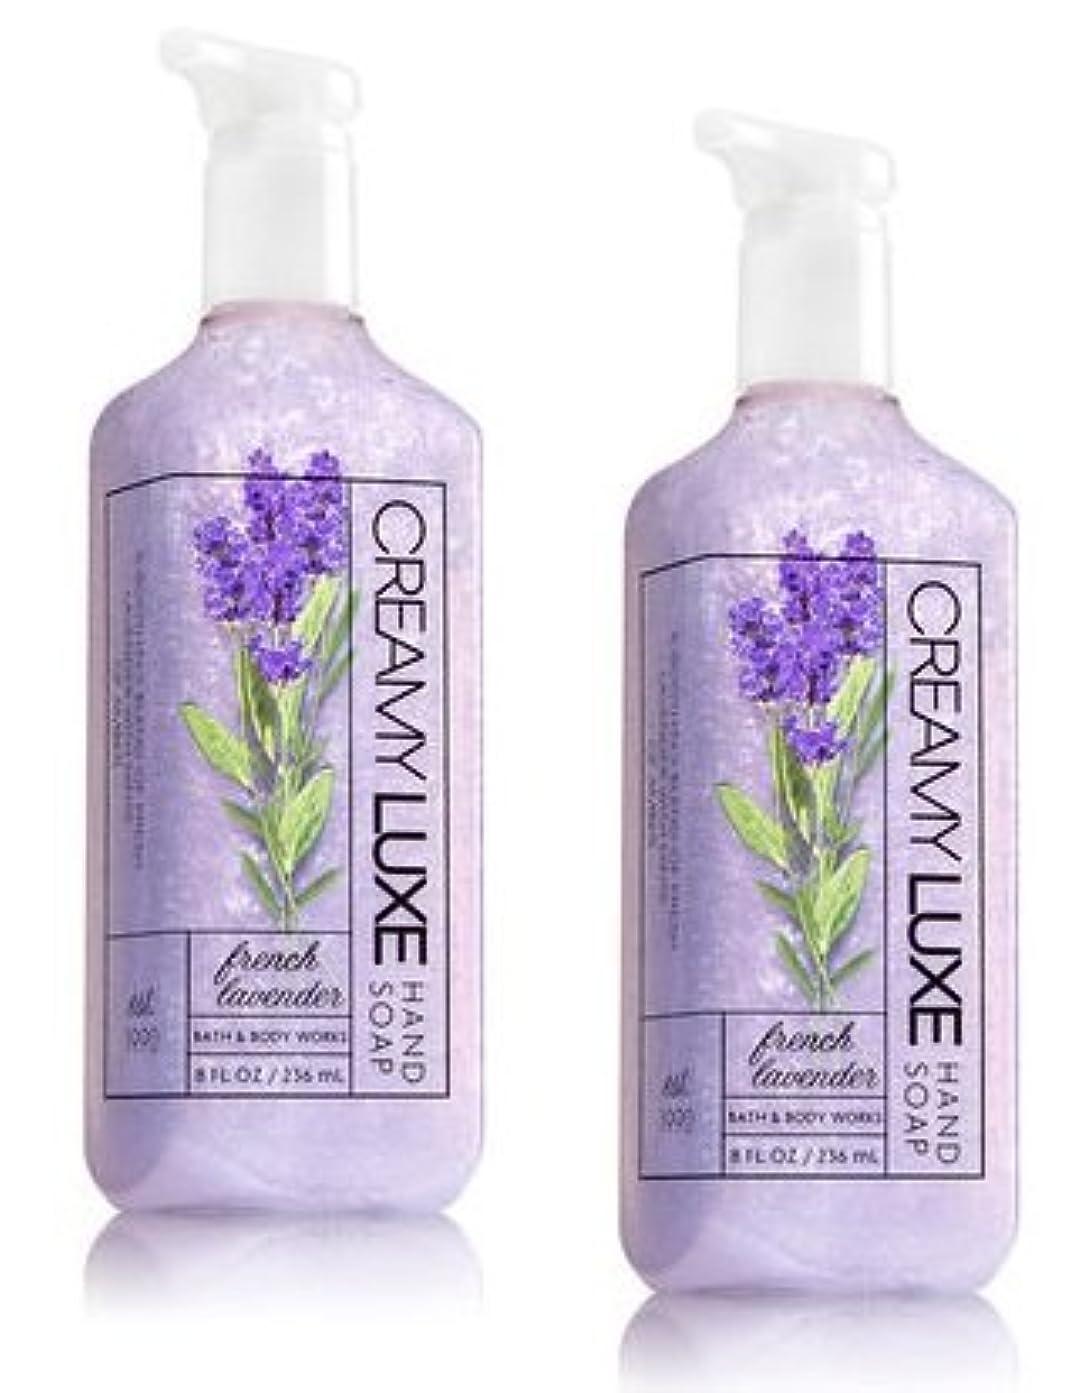 許される評価ハブBath & Body Works フレンチラベンダー クリーミー リュクス ハンドソープ 2本セット French Lavender Creamy Luxe Hand Soap. 8 oz [並行輸入品]